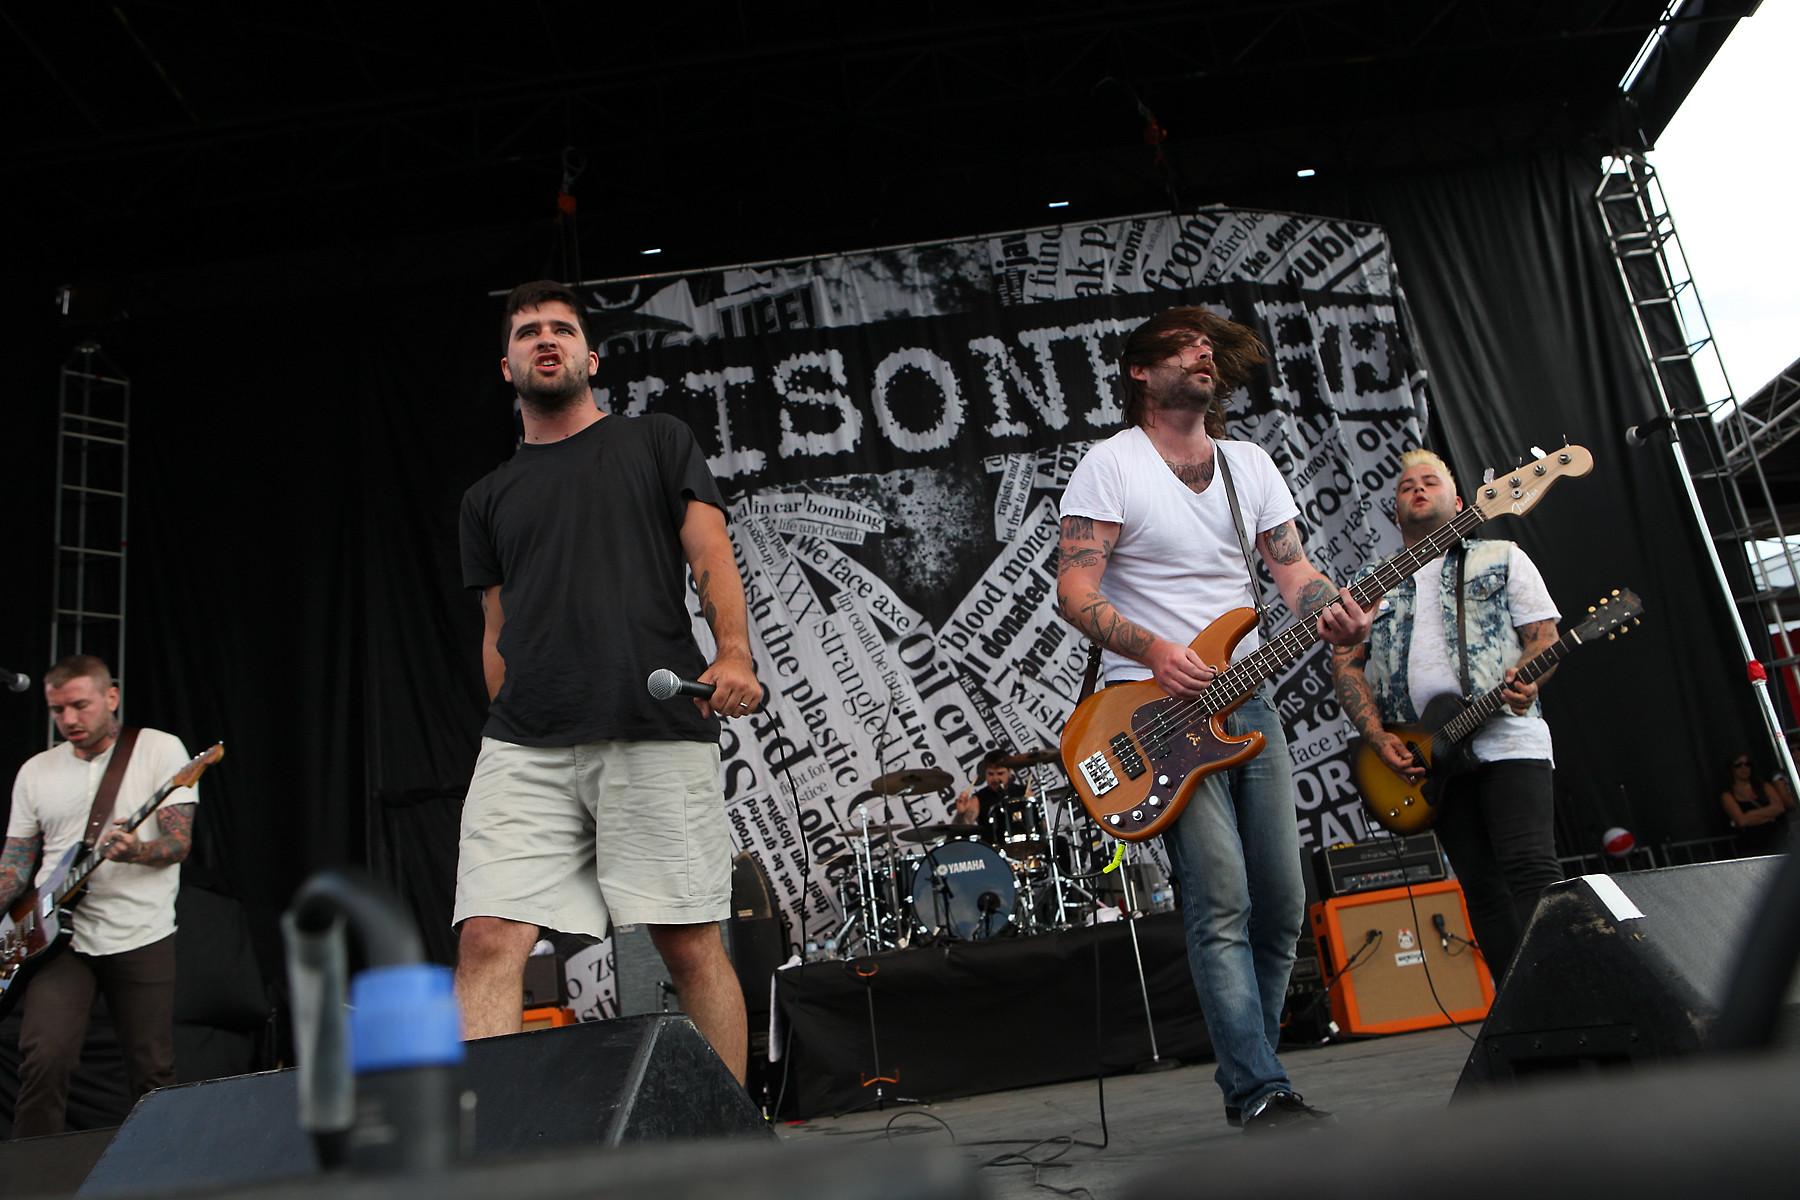 Alexisonfire @ Wakestock 2010